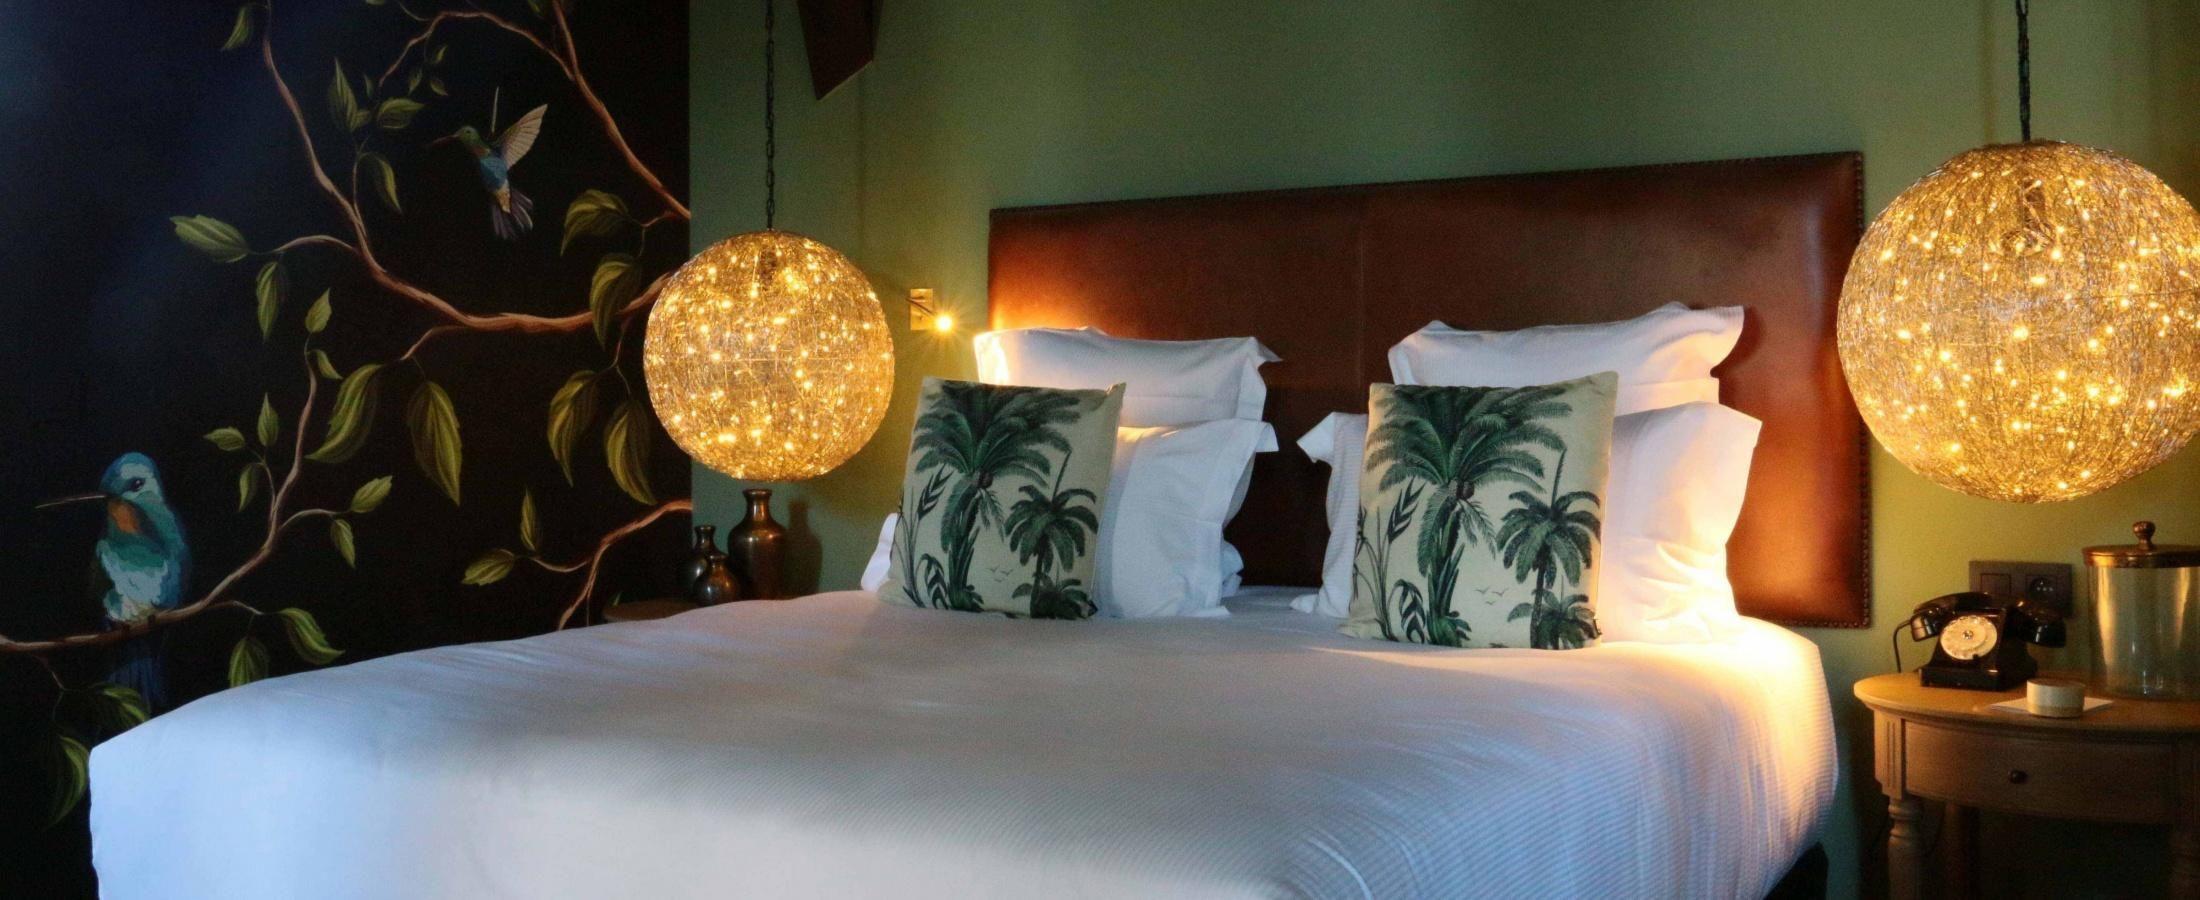 Hotel Les Maisons De La Honfleur Luxury Hotel